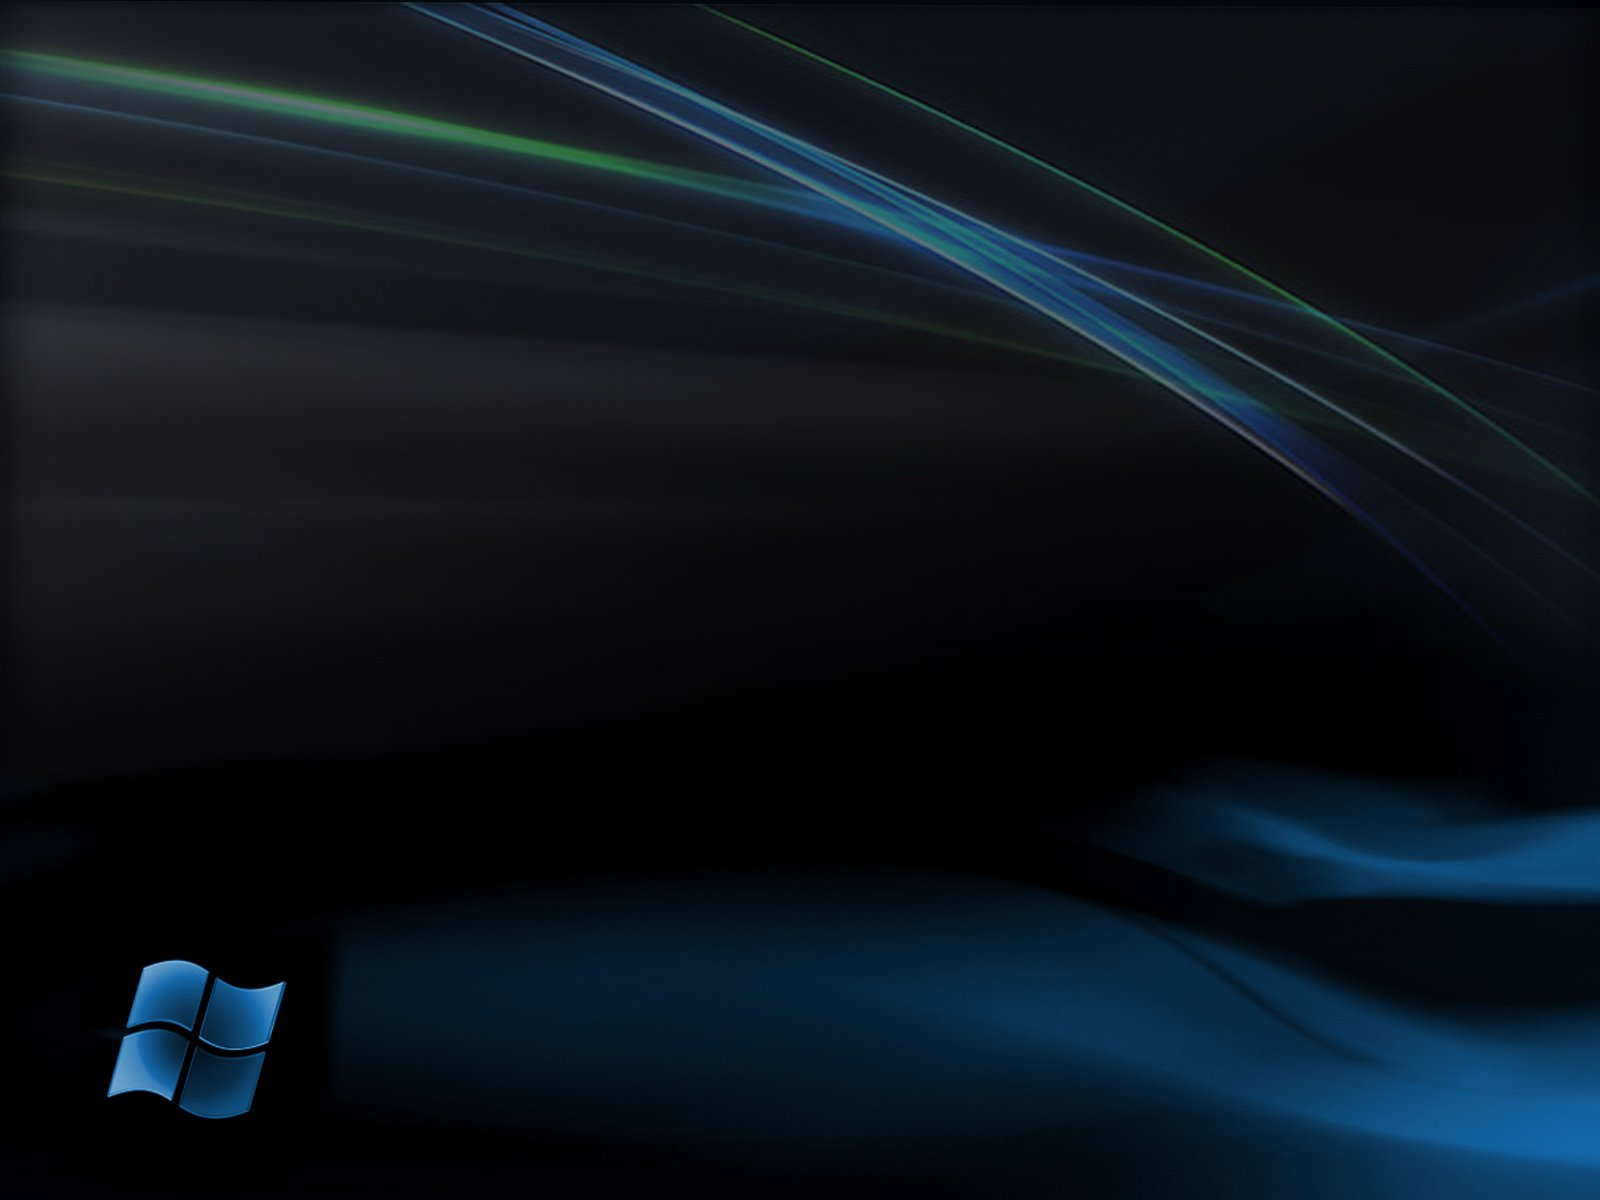 تحميل مجموعة خلفيات ويندوز 7 عالية الجودة HD « أنظمة